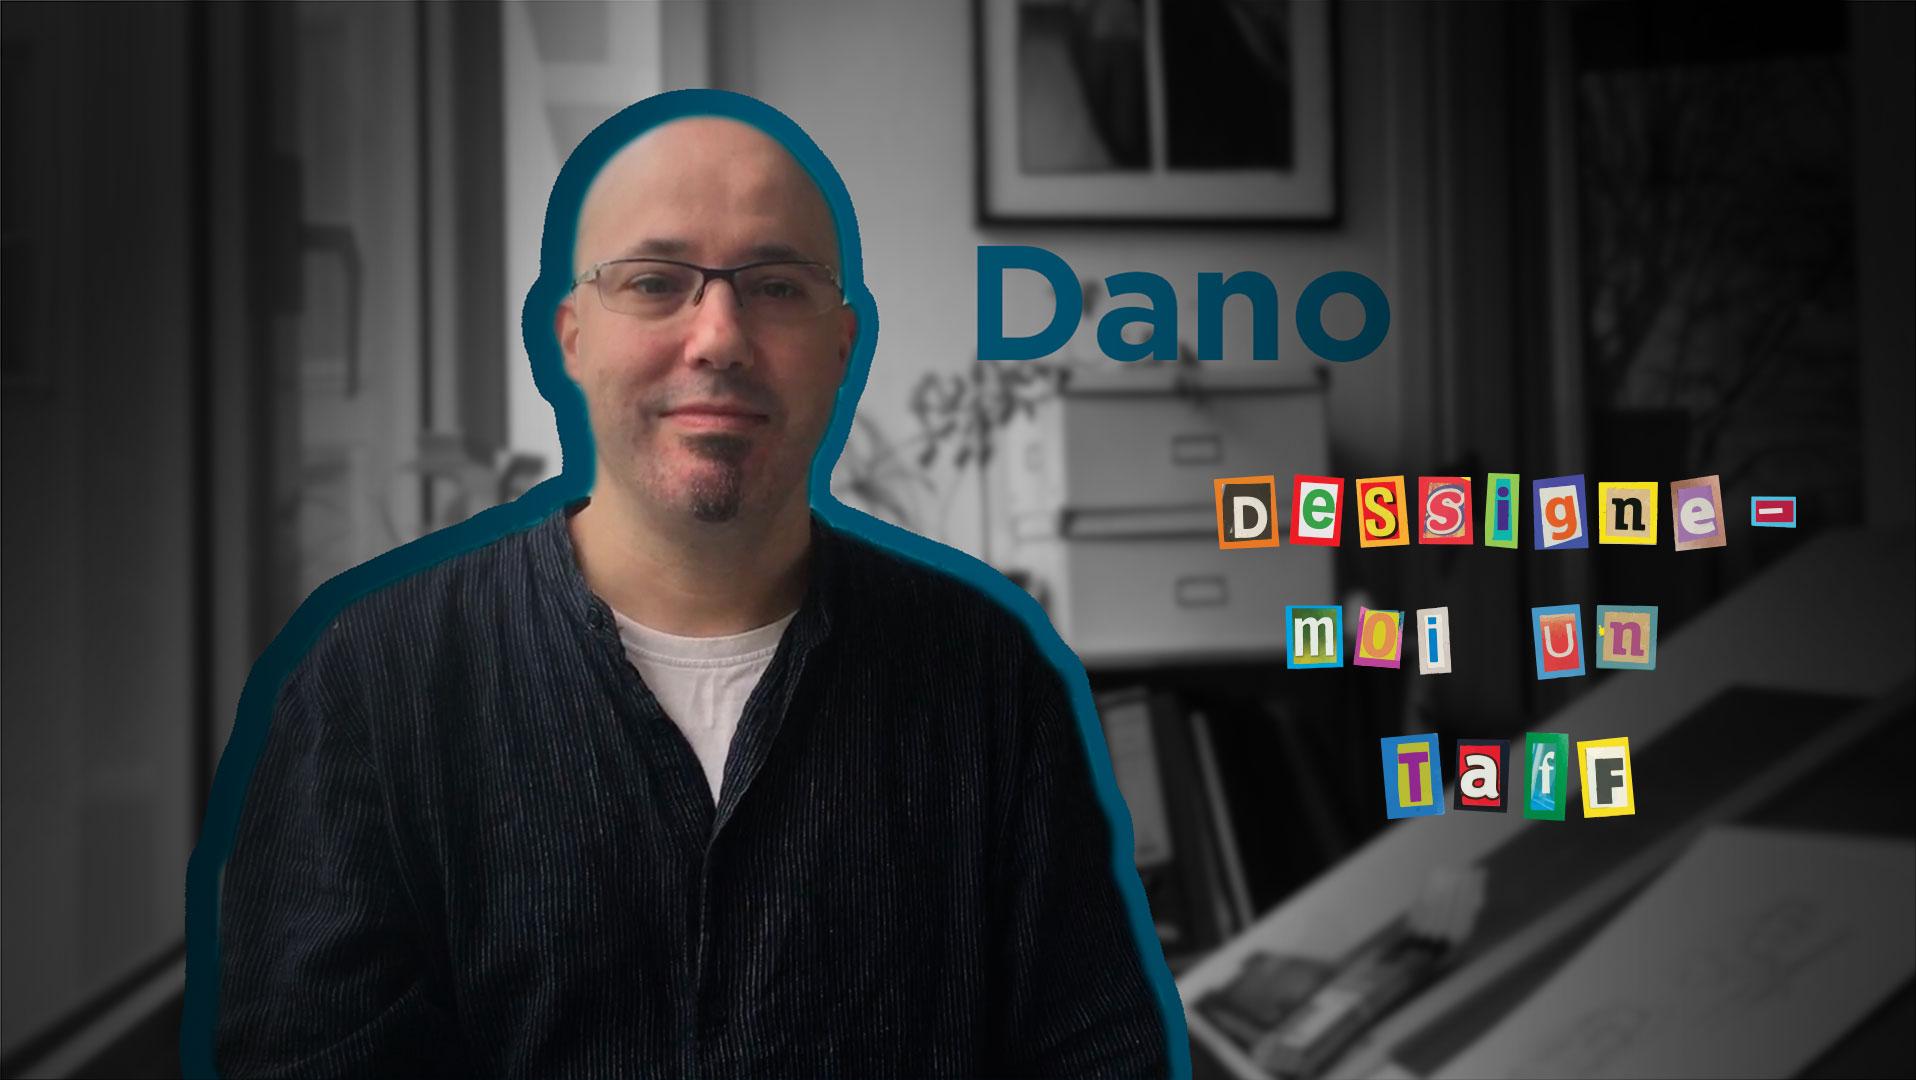 Dessignes-moi_un_taff_-_DANO